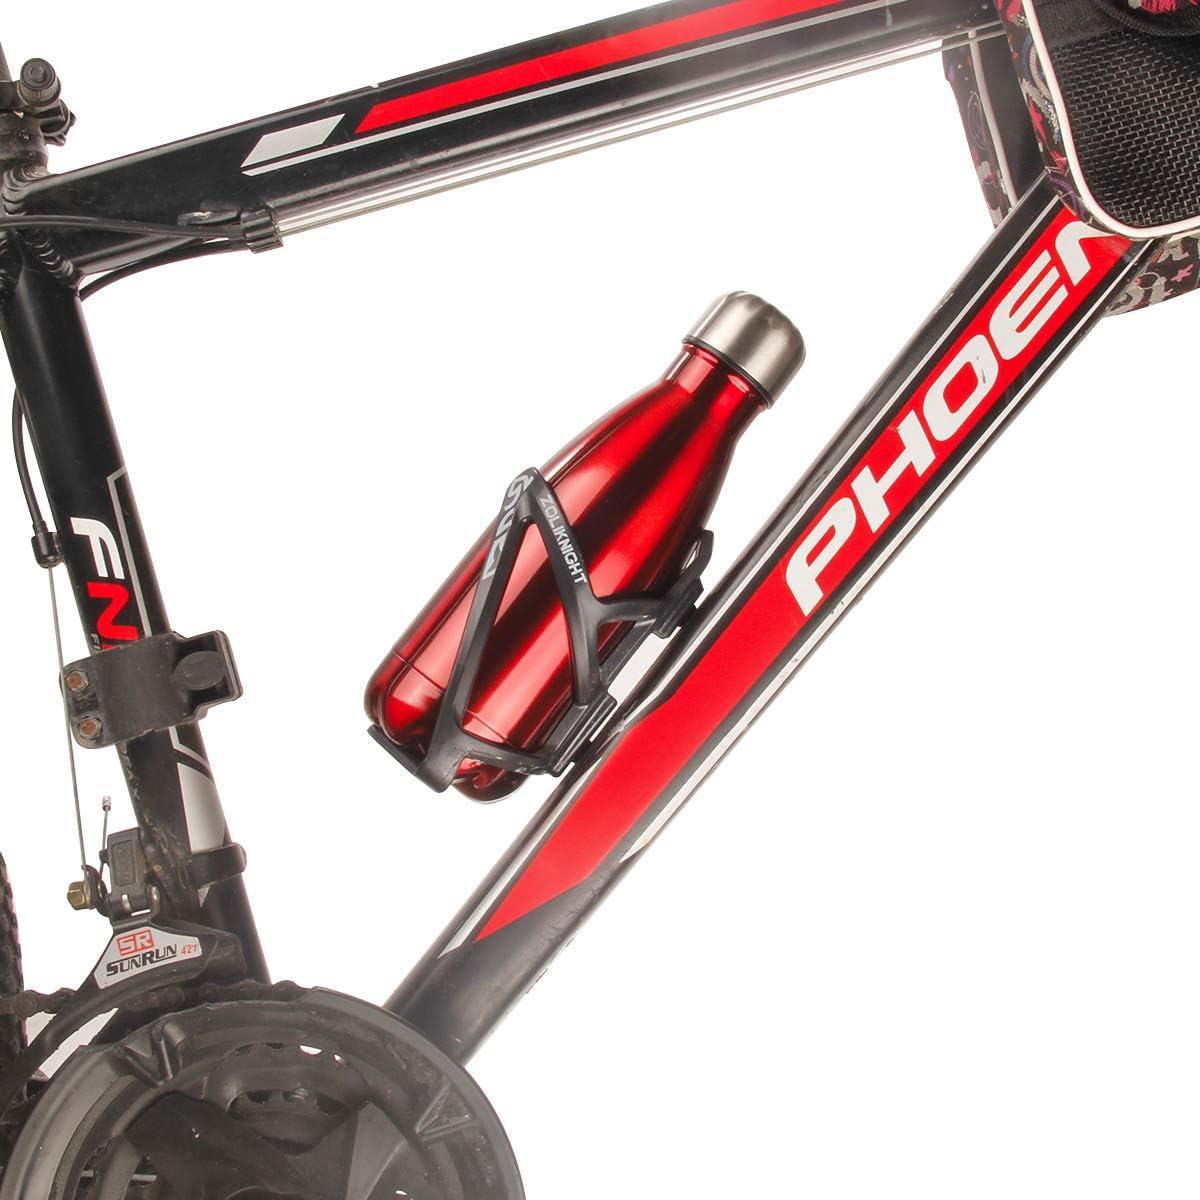 Sport Impermeabile e a Prova di perdite Fancytimes Borraccia Termica in Acciaio Inox con Isolamento sottovuoto Ideale per Scuola Campeggio Fitness Senza BPA Ciclismo